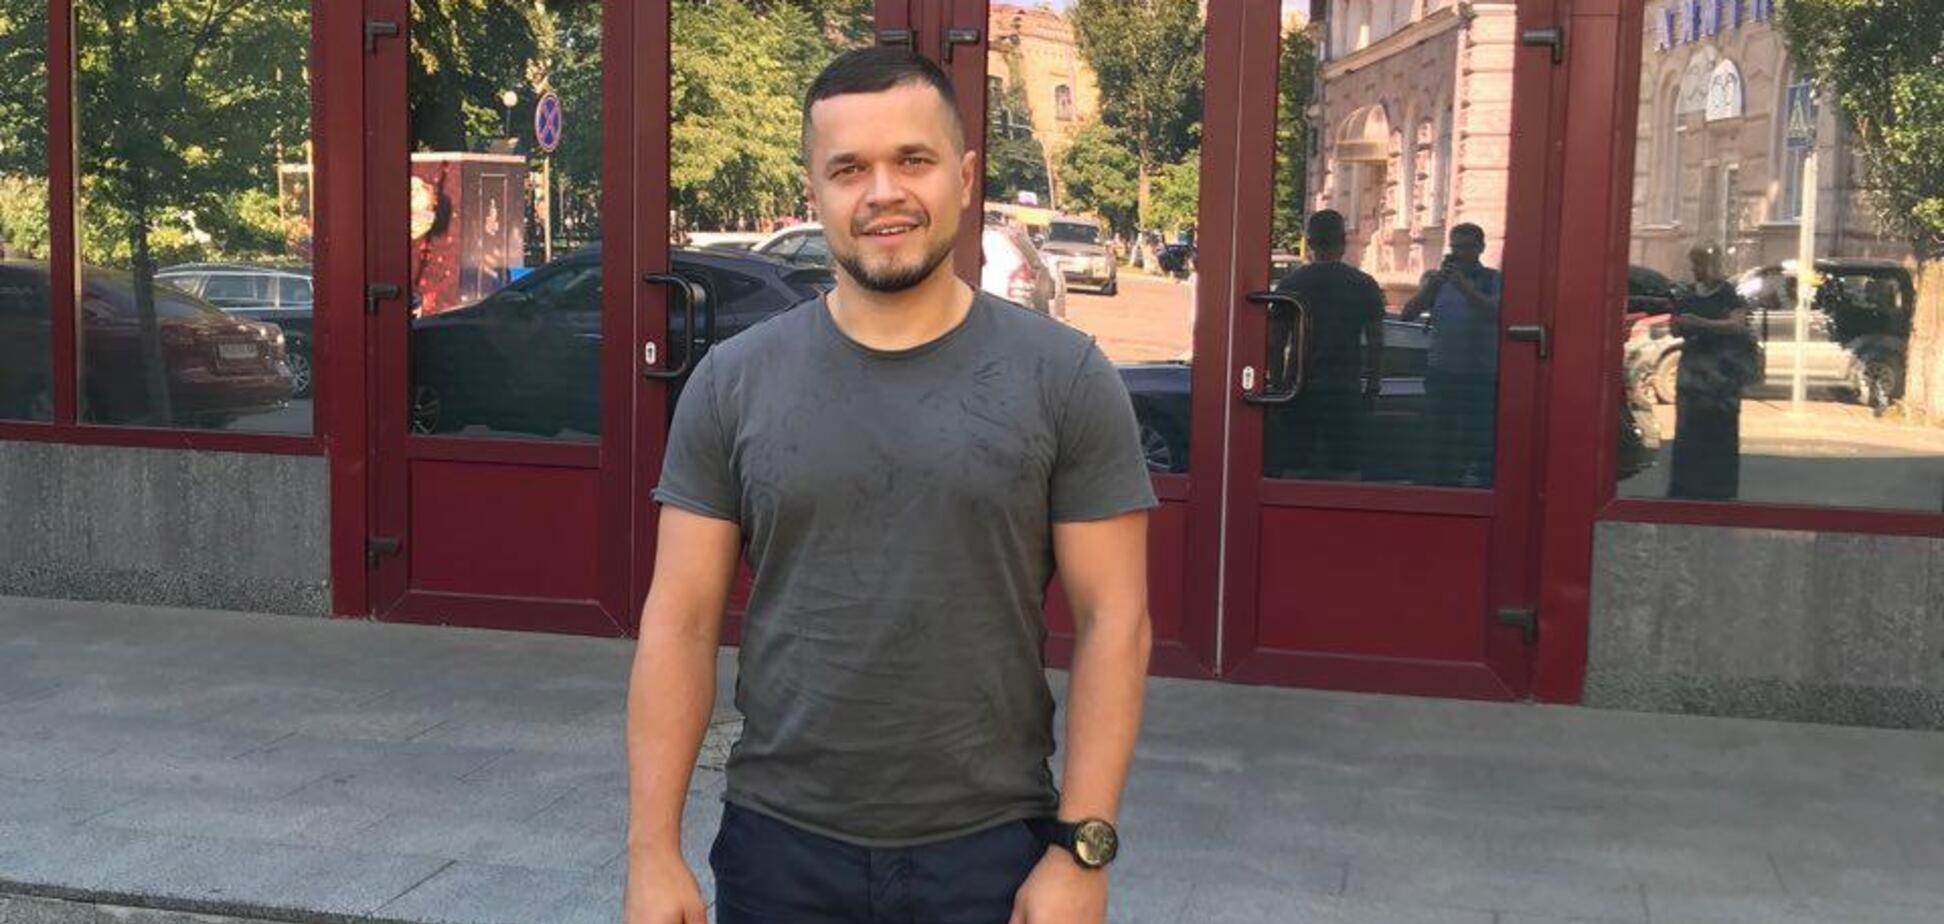 САП задержала топ-менеджера 'Трейд Коммодити', который сам пришел на допрос в НАБУ